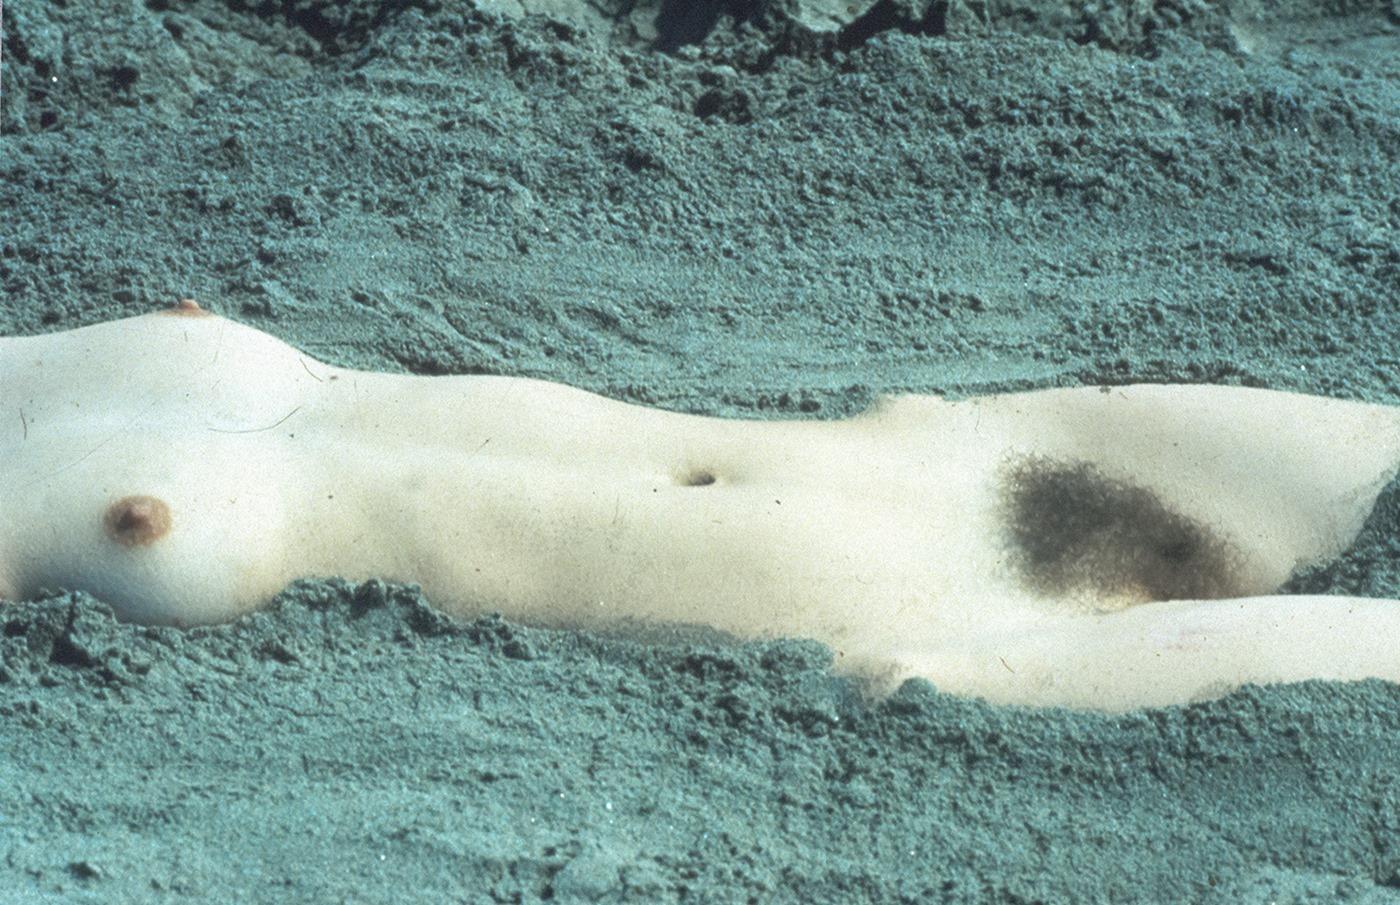 Dagmar lassander il comune senso del pudore 1976 - 5 8